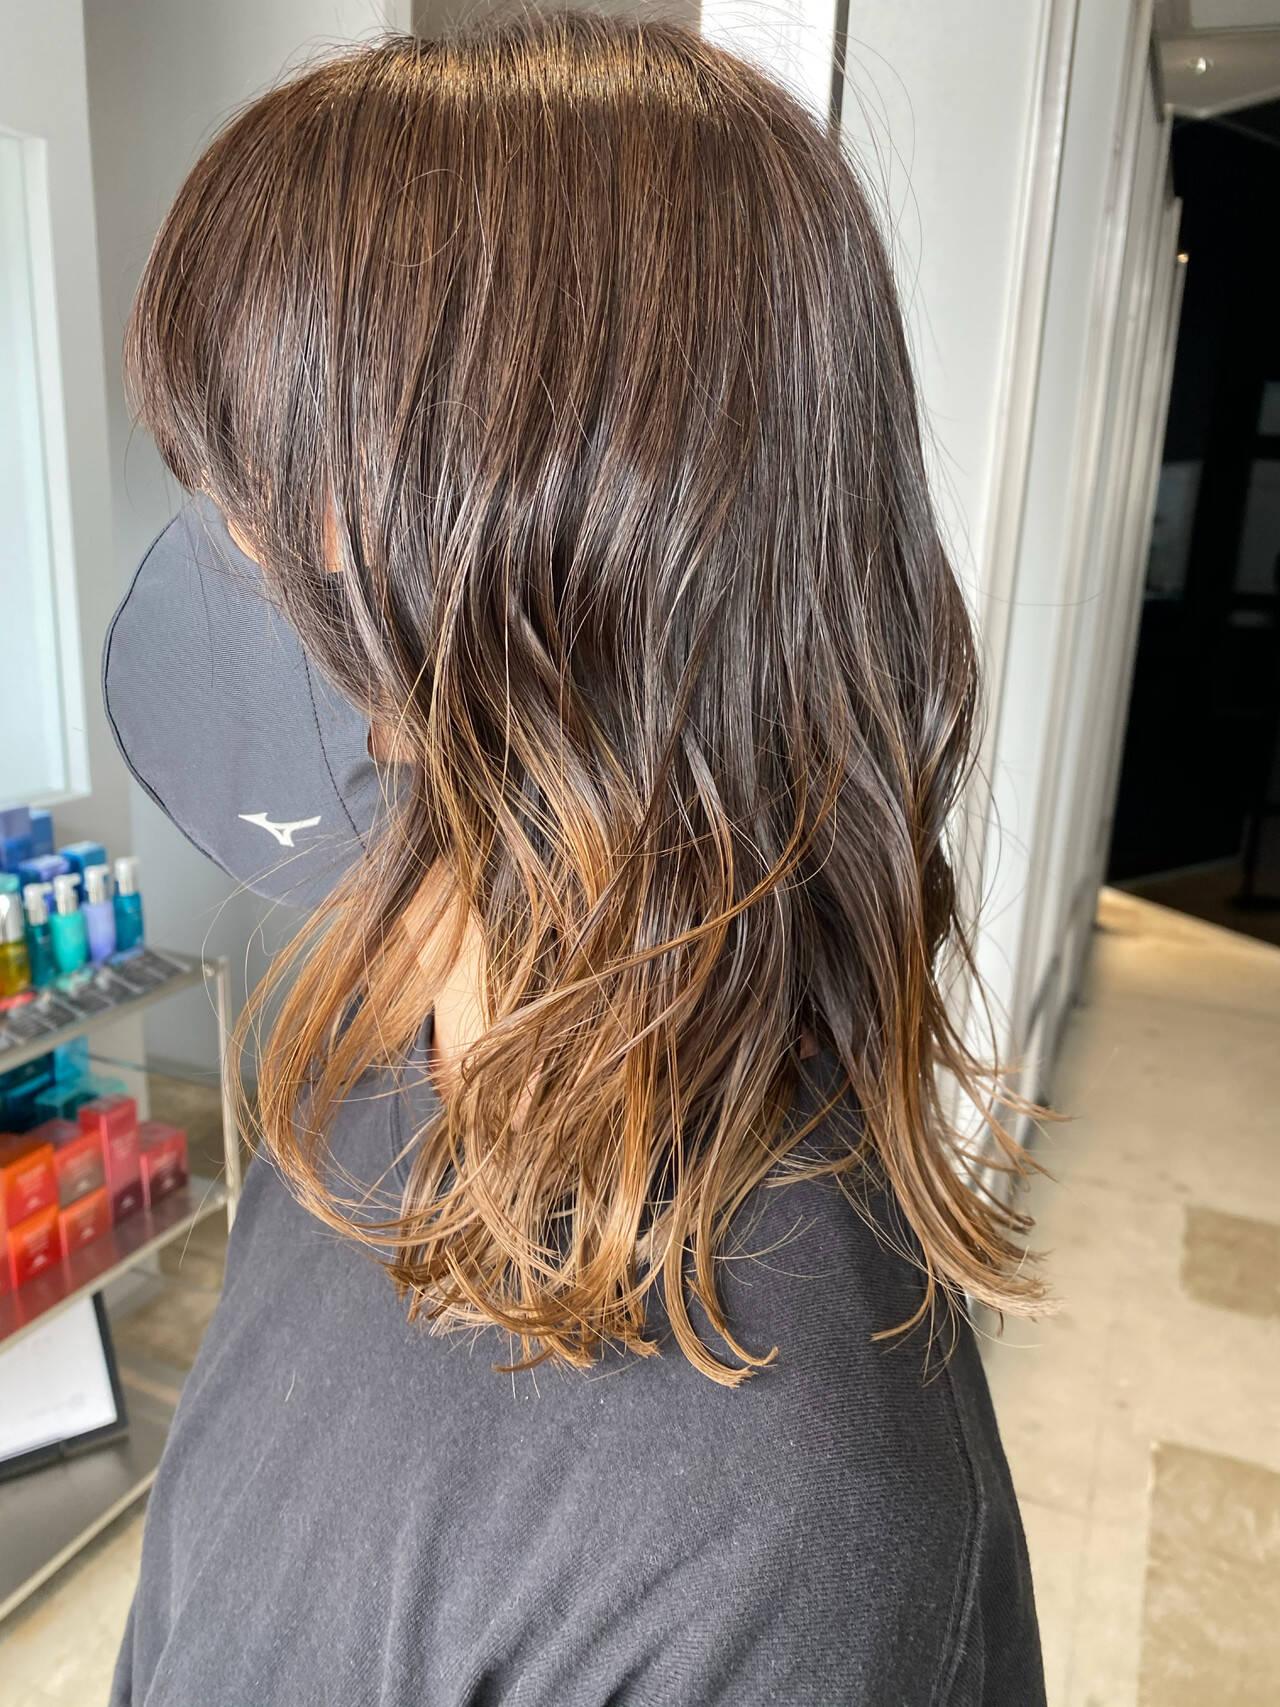 ミディアム ナチュラル グラデーションカラー シルバーグレージュヘアスタイルや髪型の写真・画像